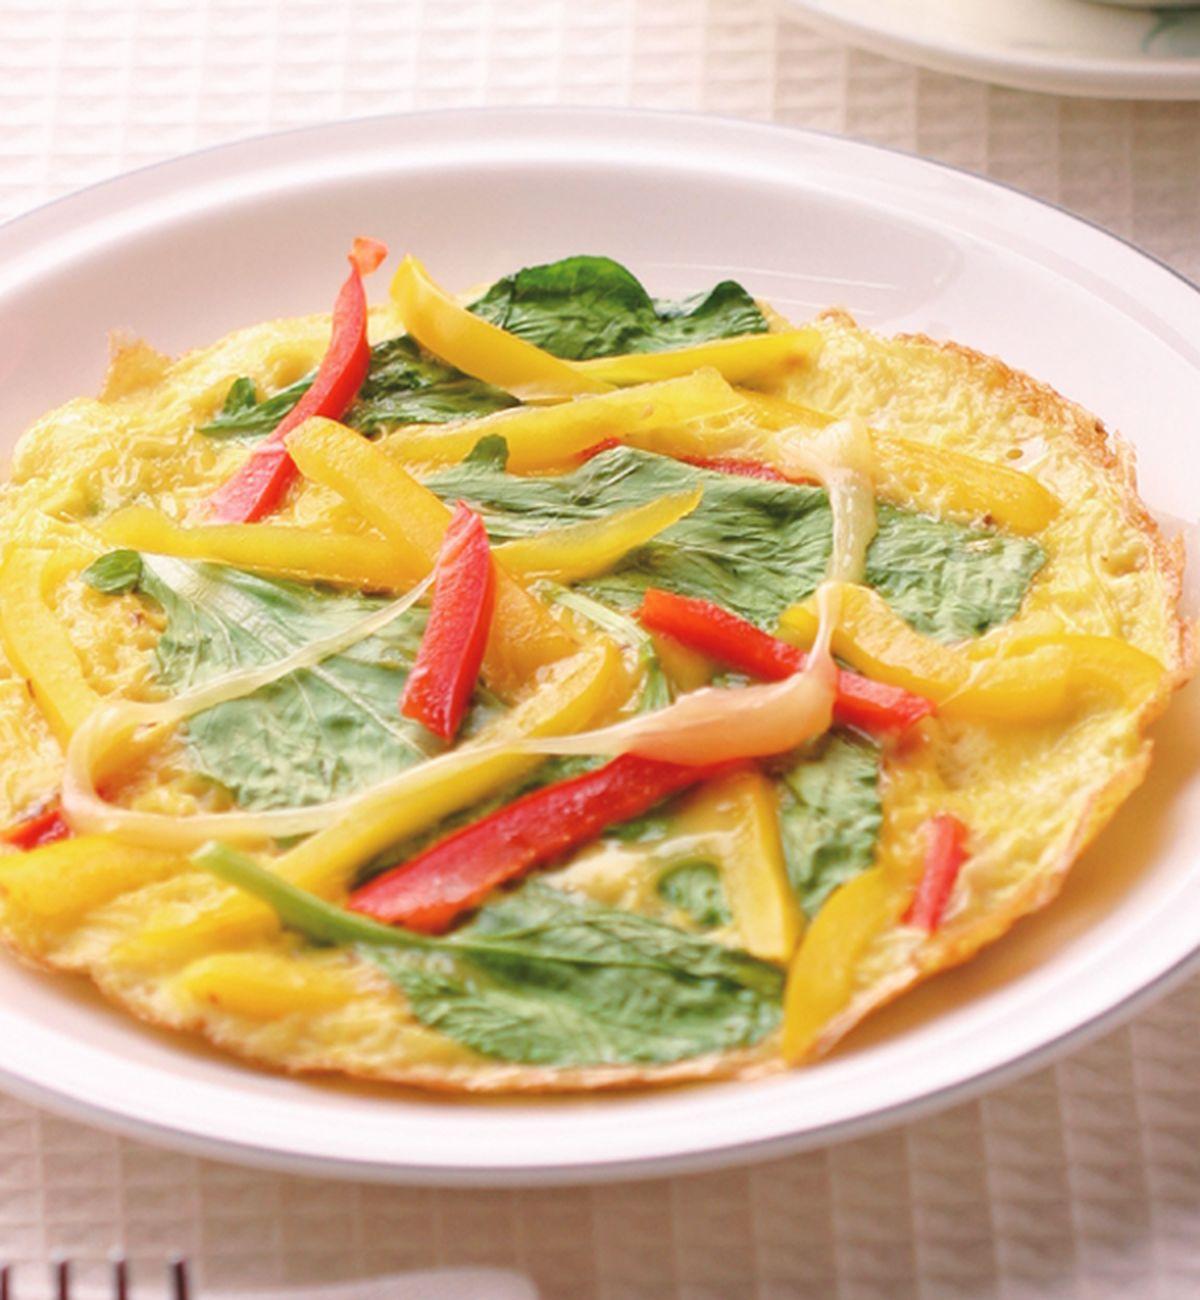 食譜:西班牙煎蛋